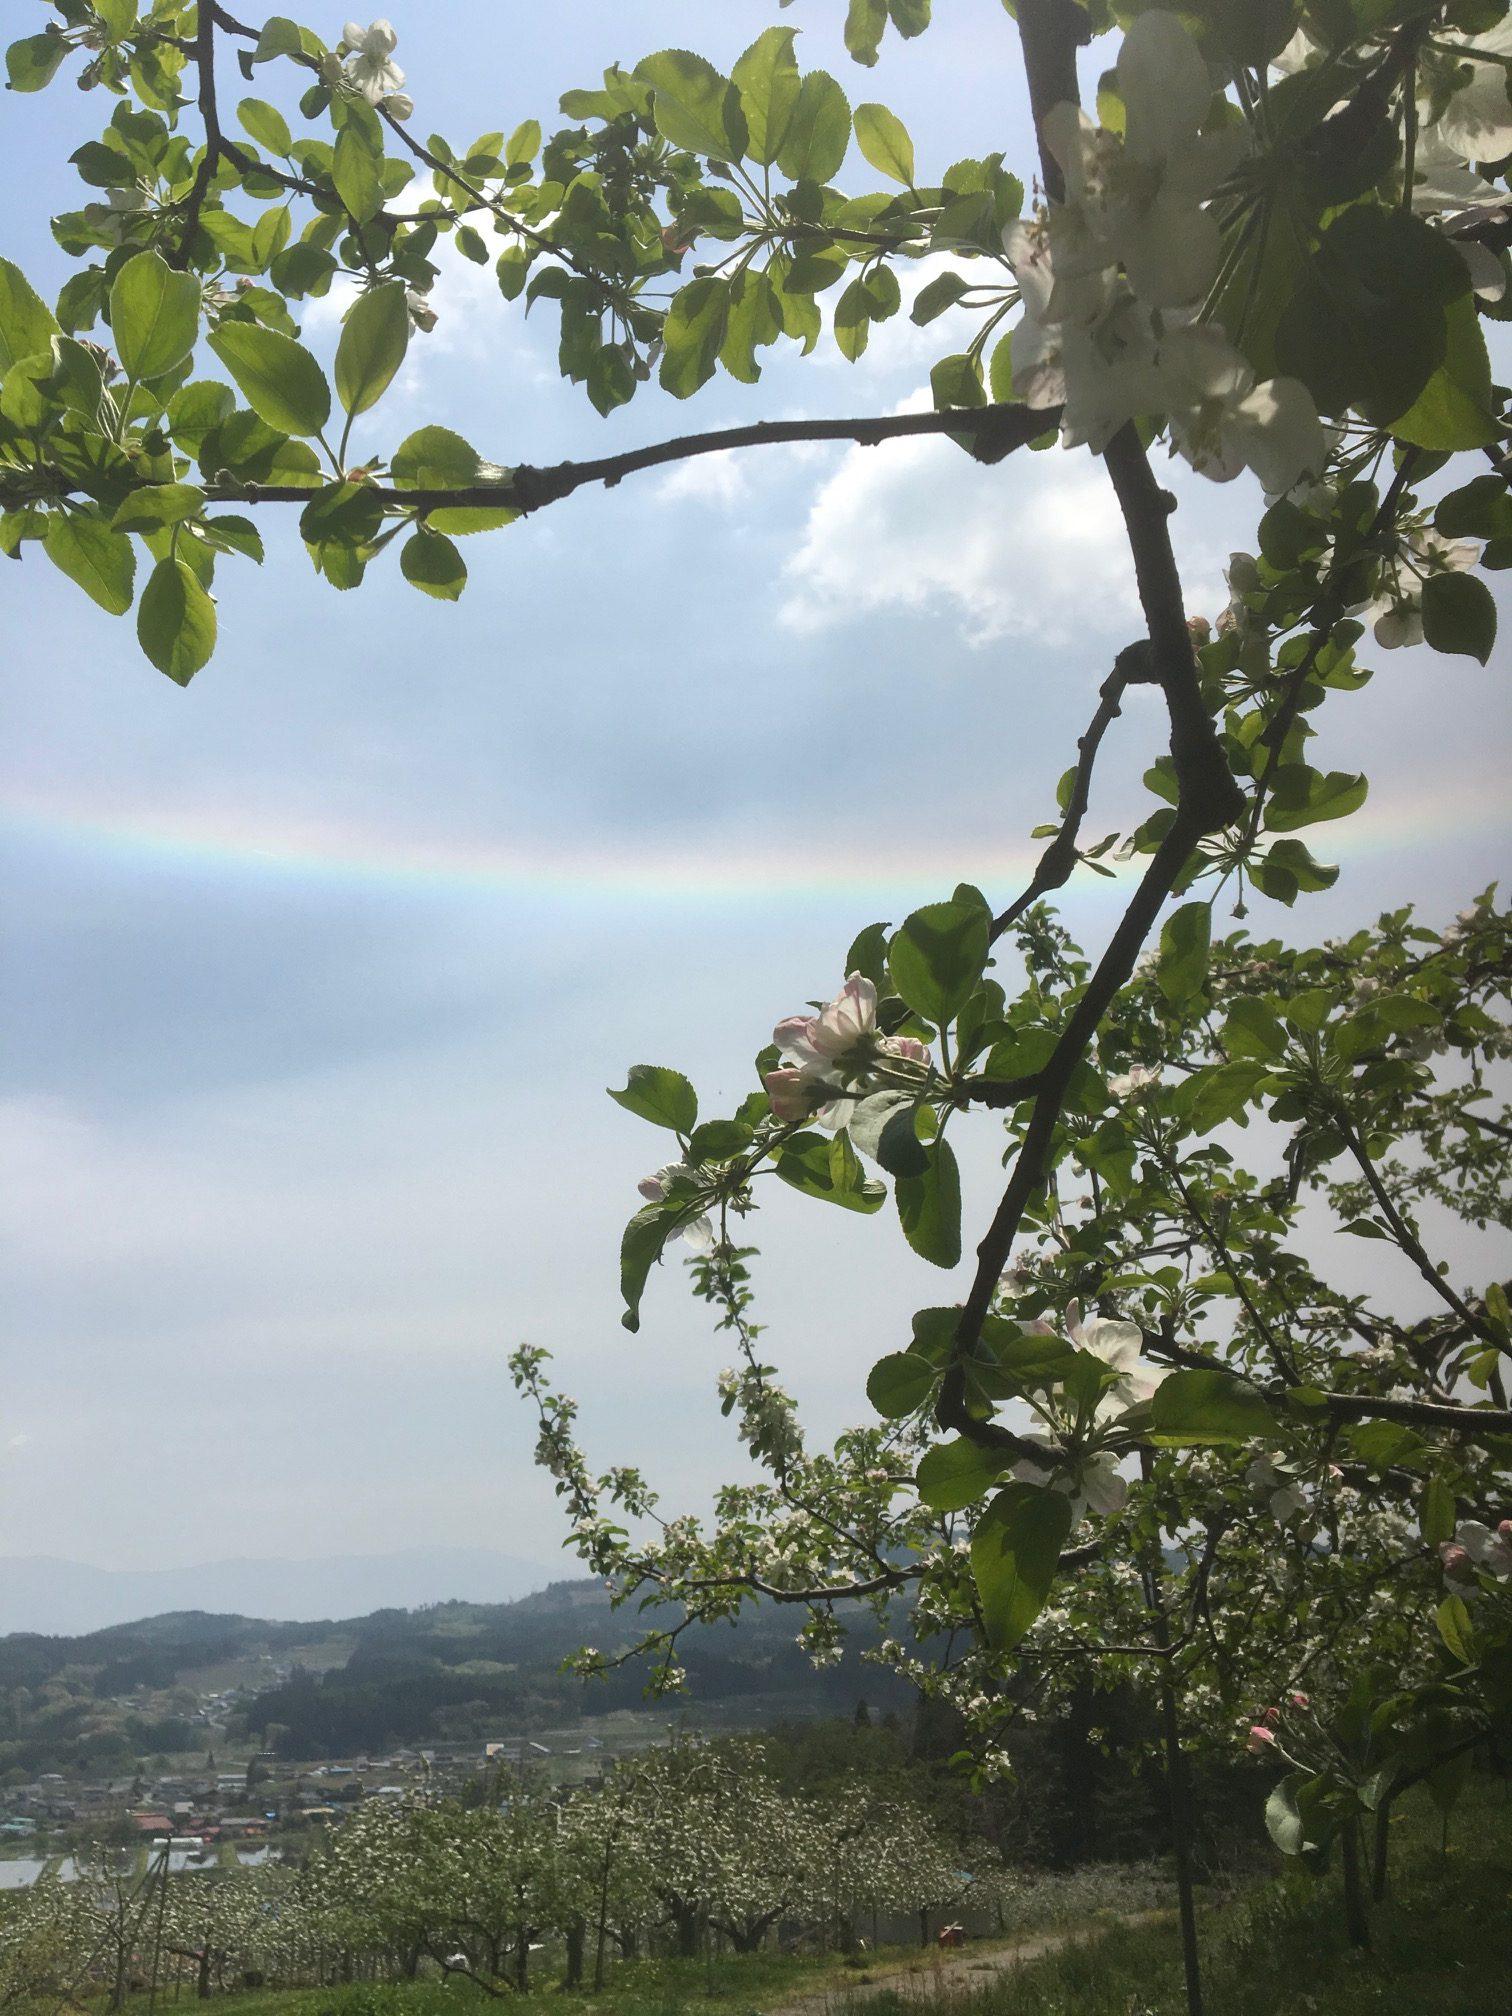 素敵な現象に出会う 虹と林檎の花のコラボ